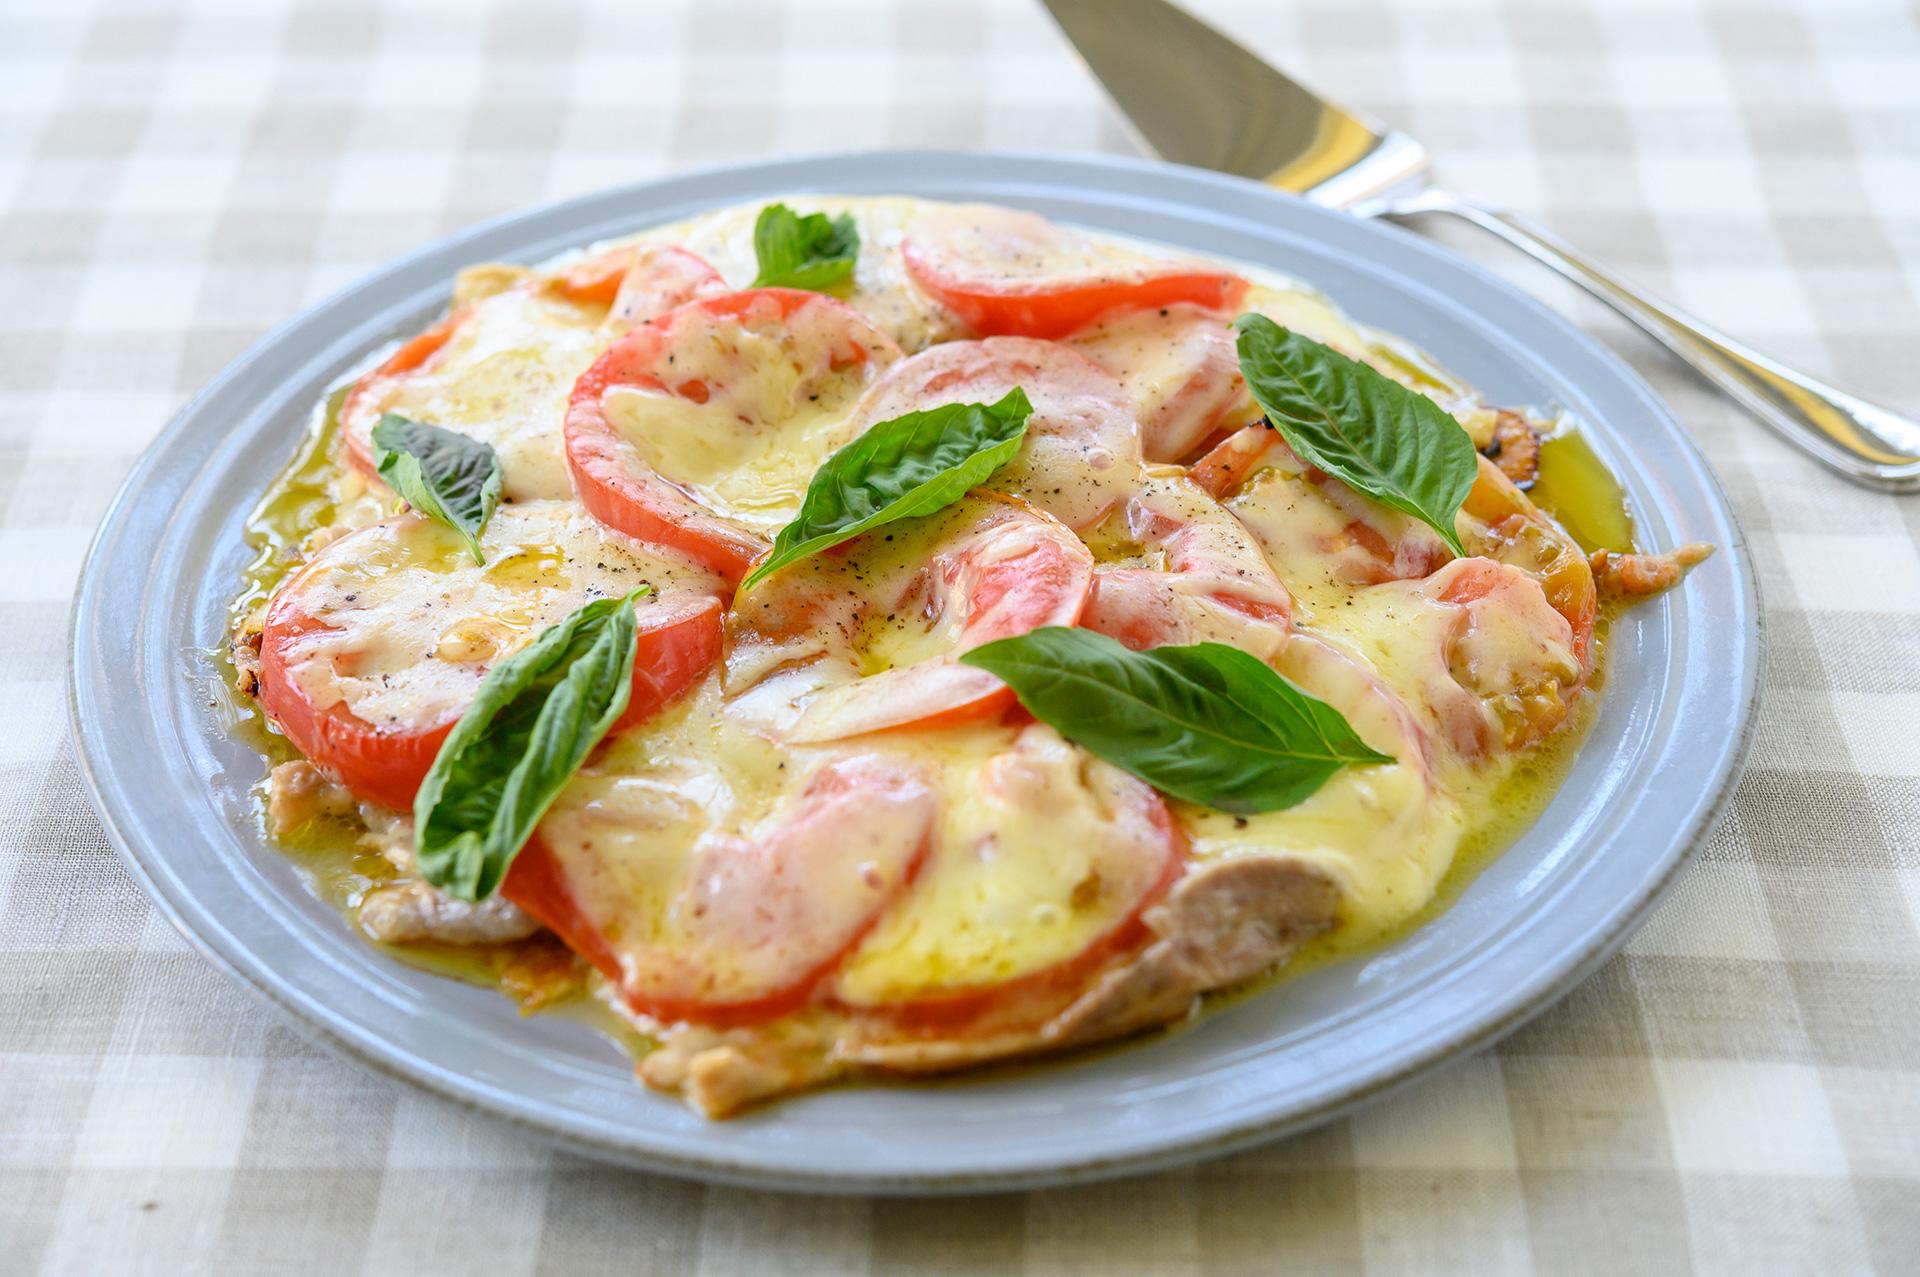 生地いらずで手軽に大満足「豚肉とトマトのピザ風」